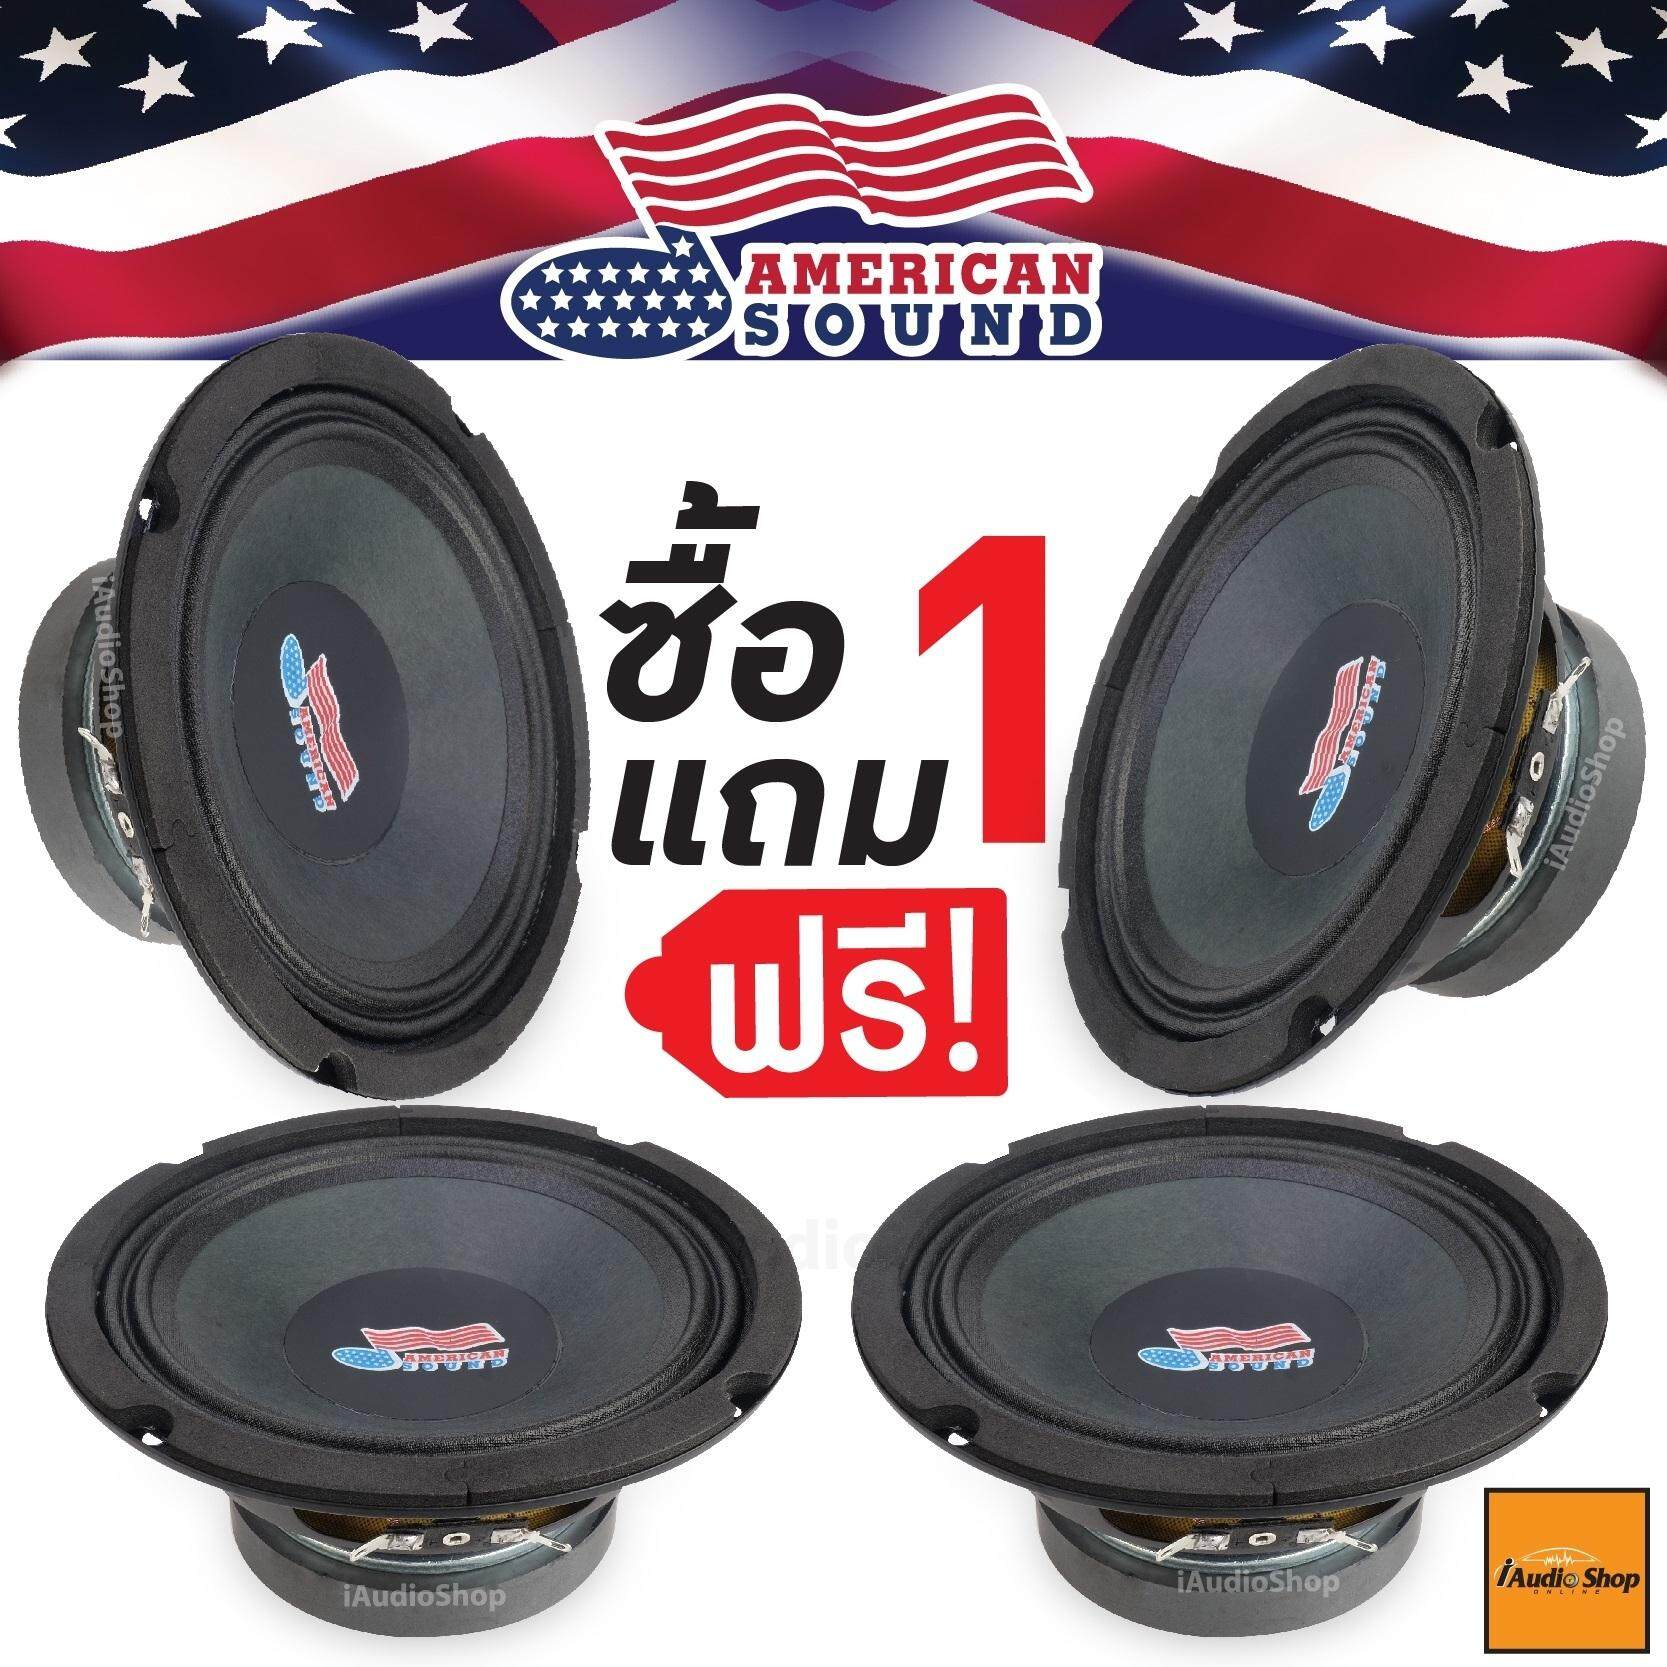 ขาย American Sound ซื้อ1แถม1 ลำโพง ลำโพงเสียงกลาง ขนาด6 5นิ้ว Ams 660Lmtจำนวน 1คู่ แถมฟรี ลำโพงเสียงกลาง Ams 660Lmt เพิ่มอีก 1คู่ American Sound